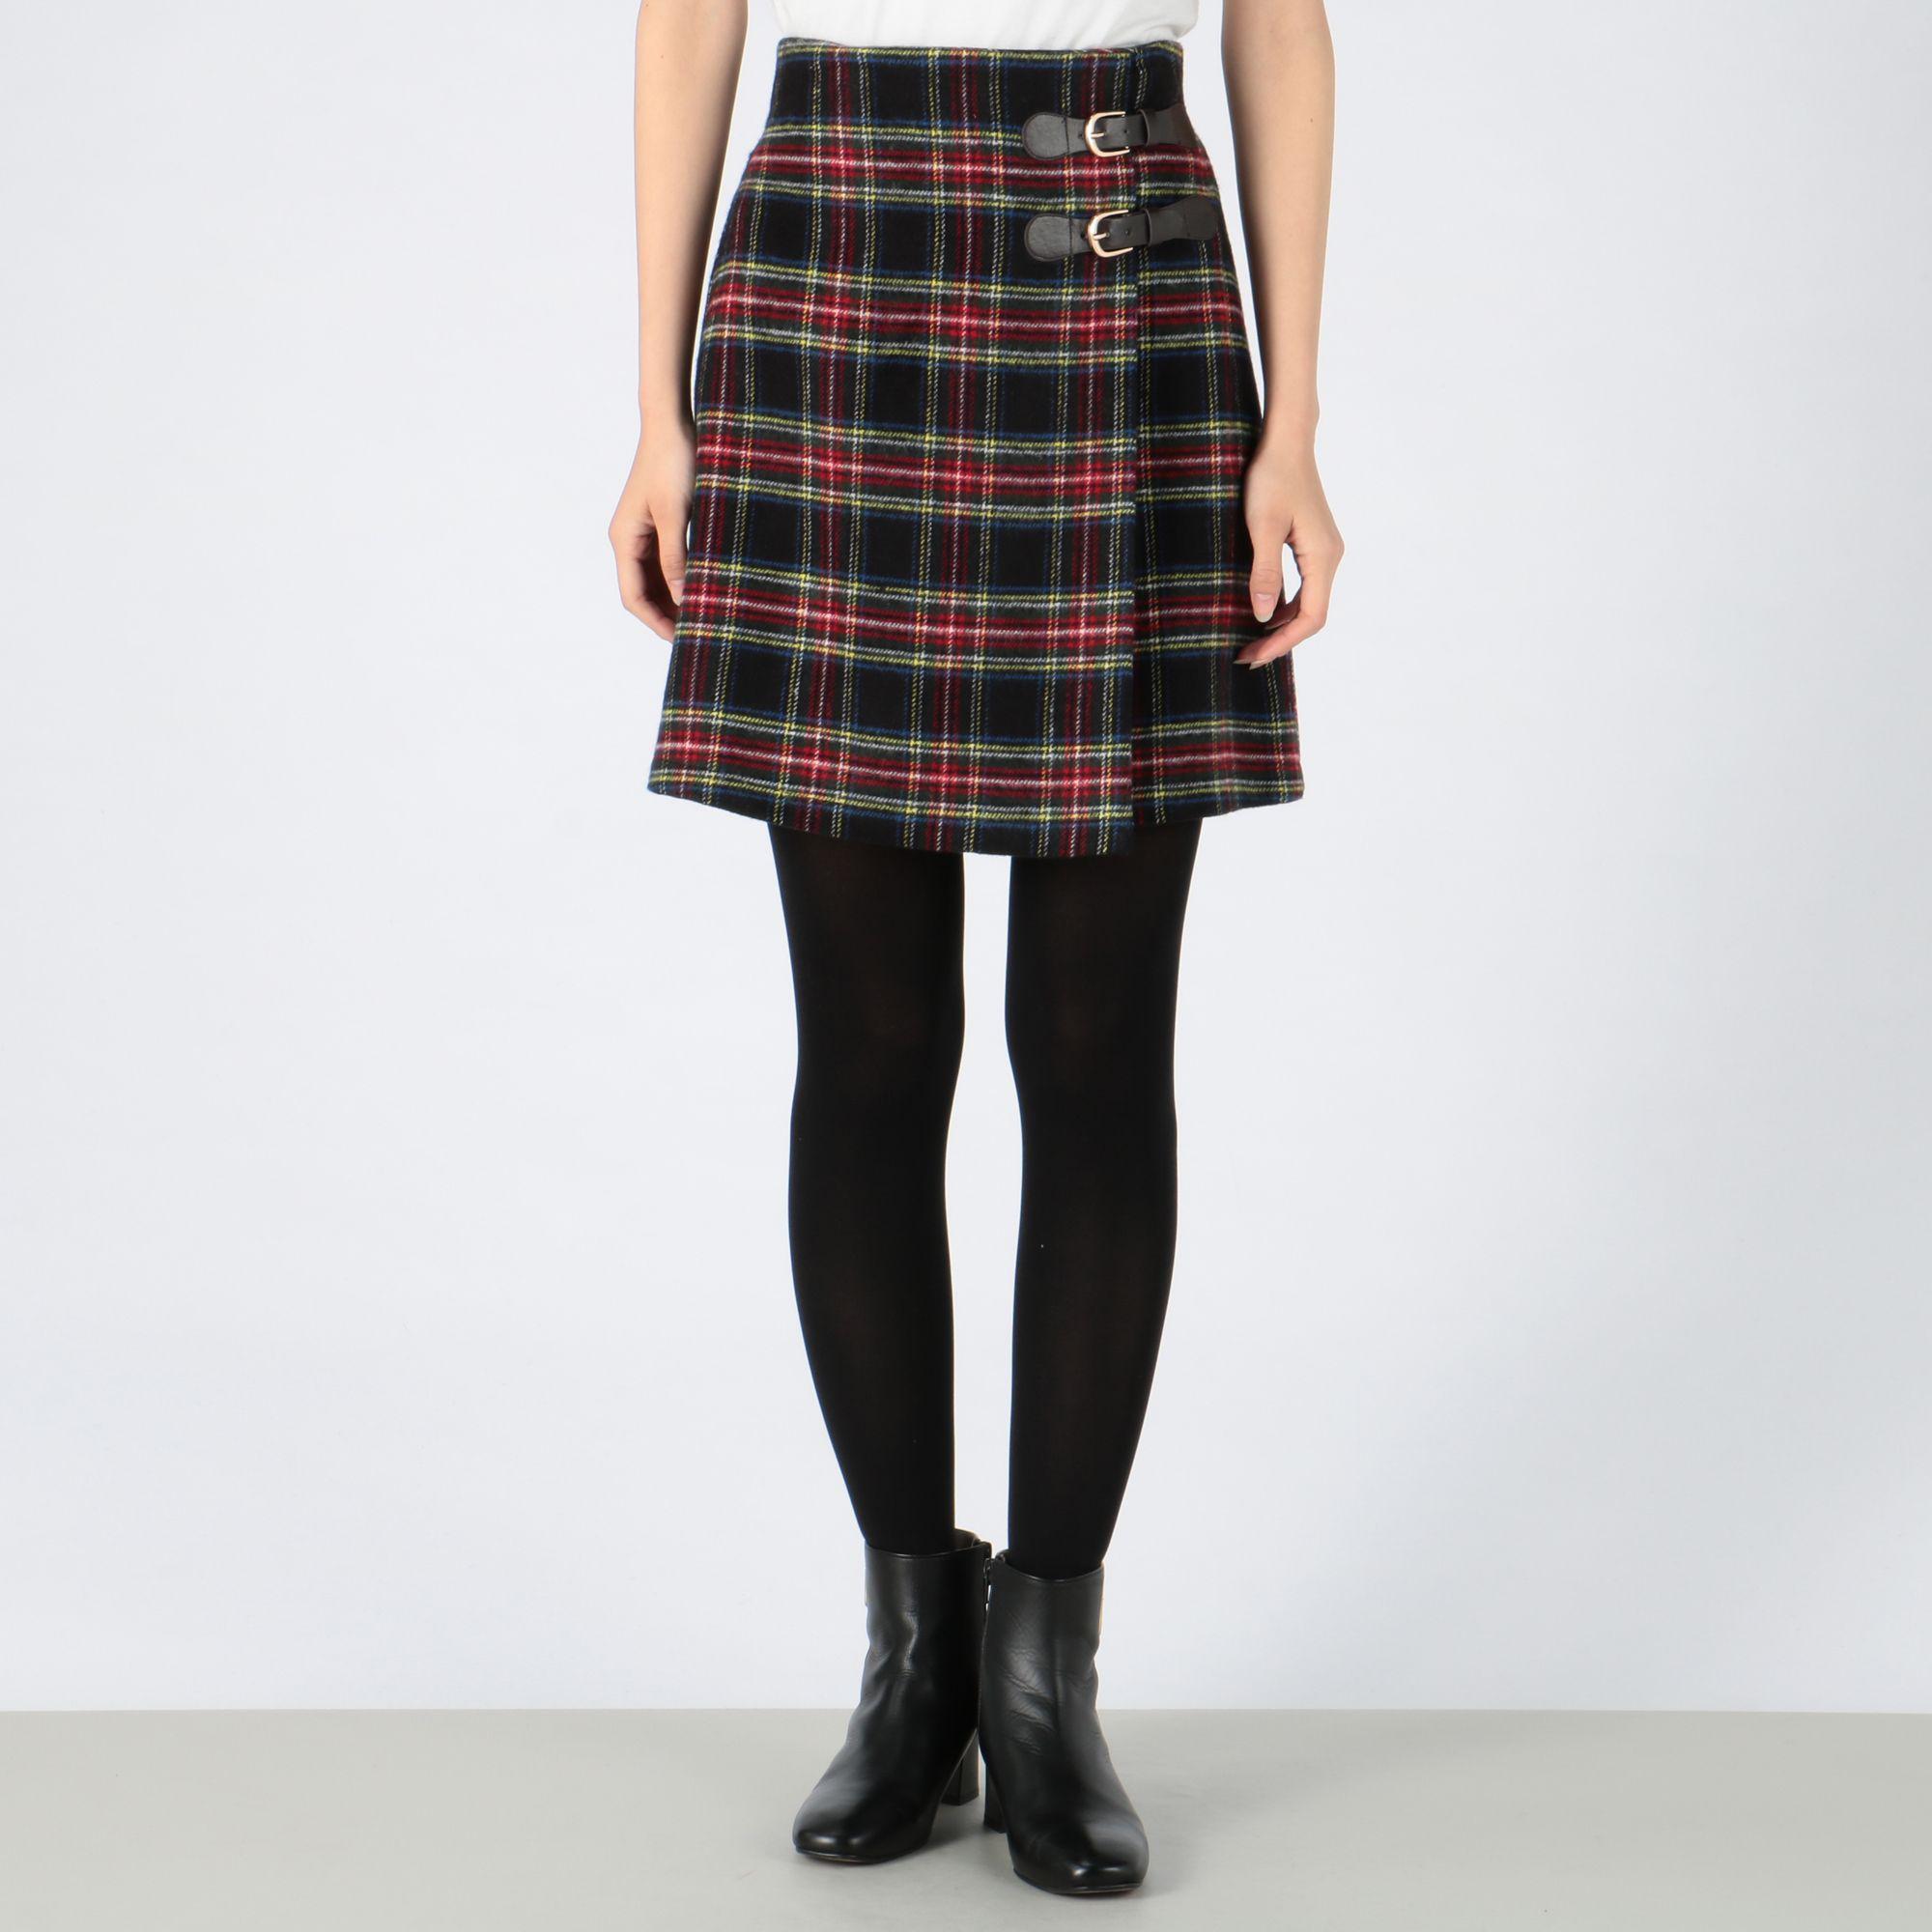 INGNIイング/サイドベルトシャギーチェック柄台形スカート